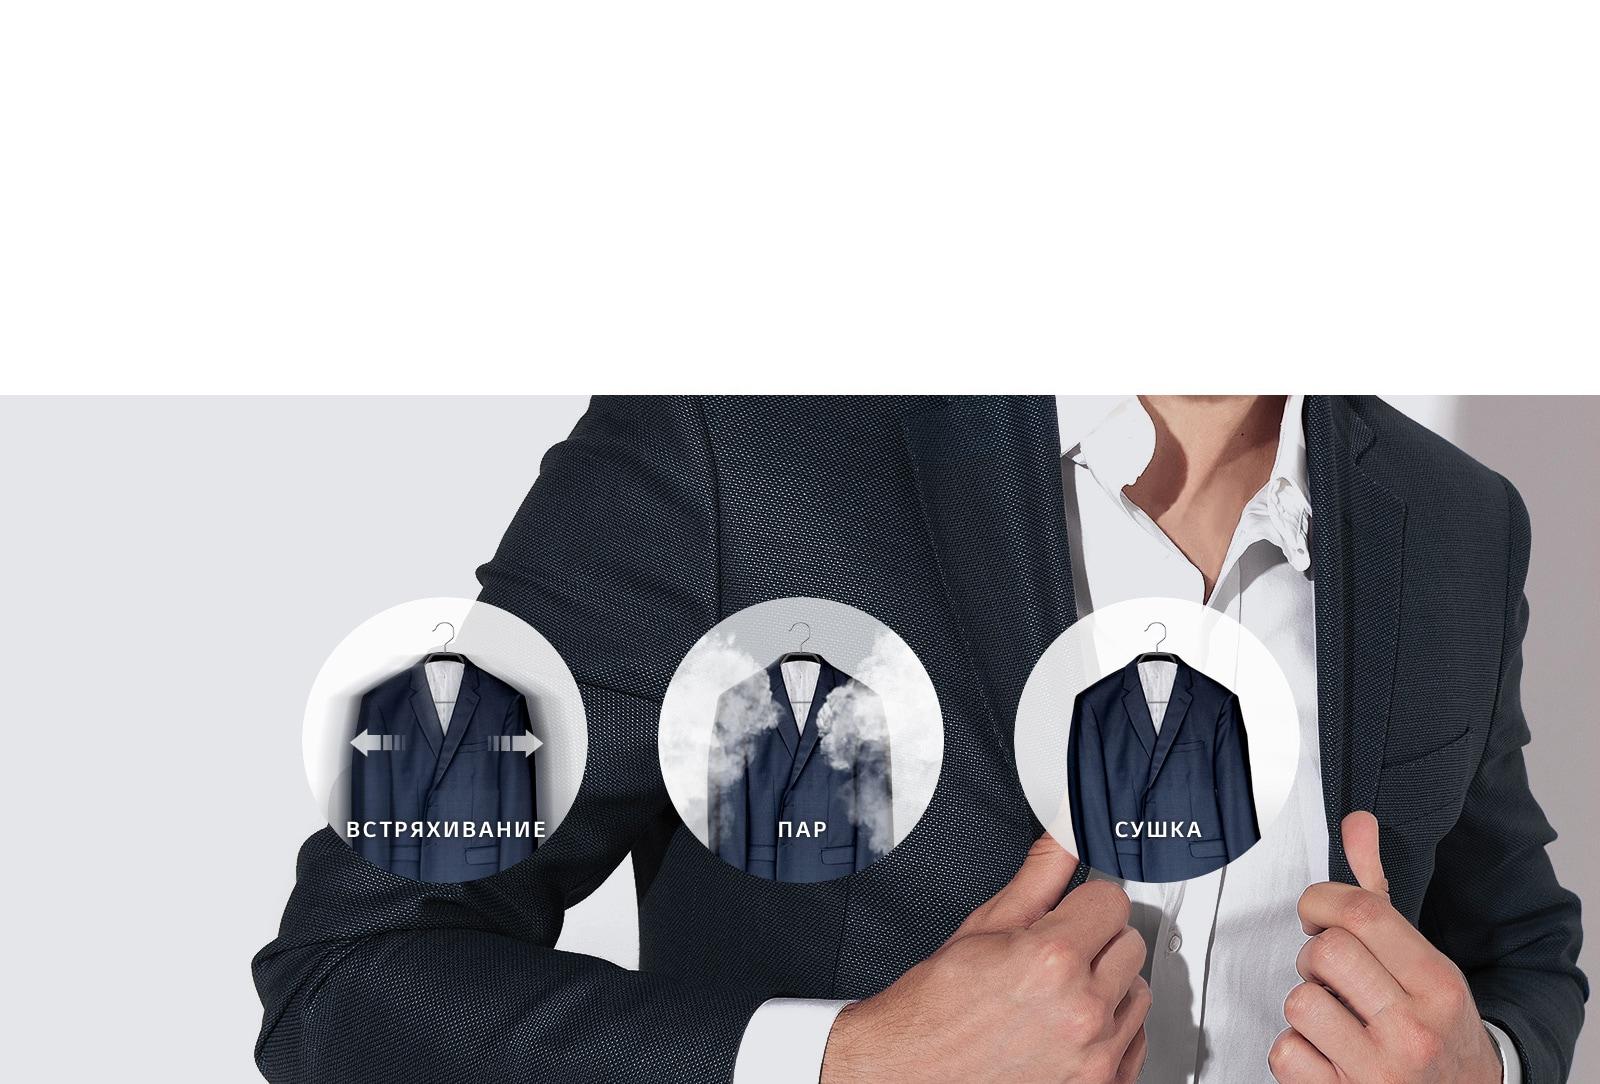 Тщательный уход за одеждой с помощью пара